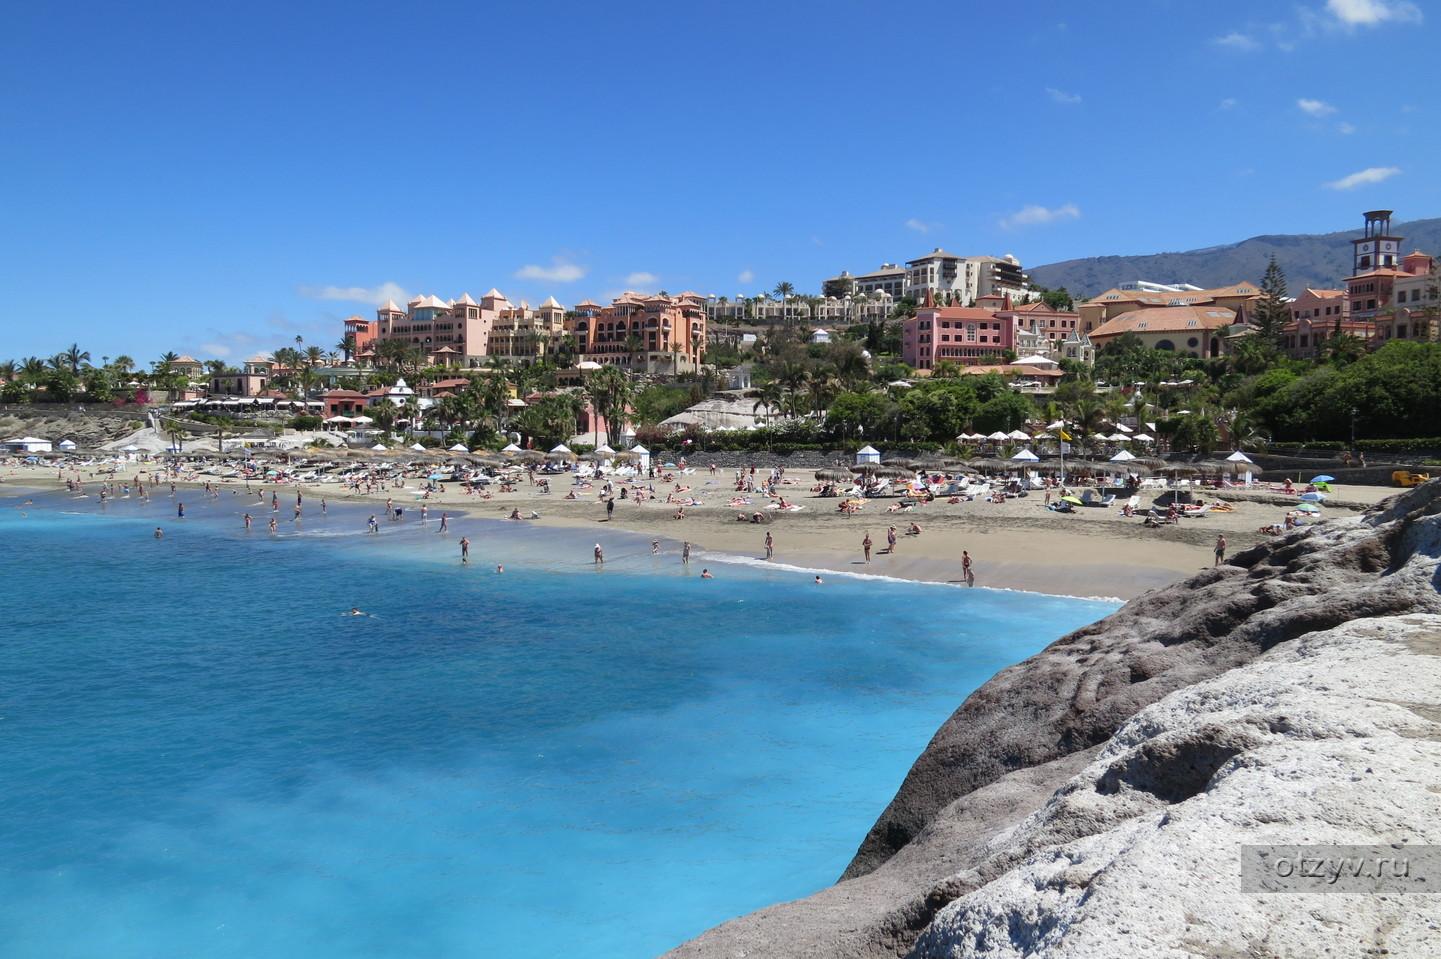 Лас америкас тенерифе фото пляжей